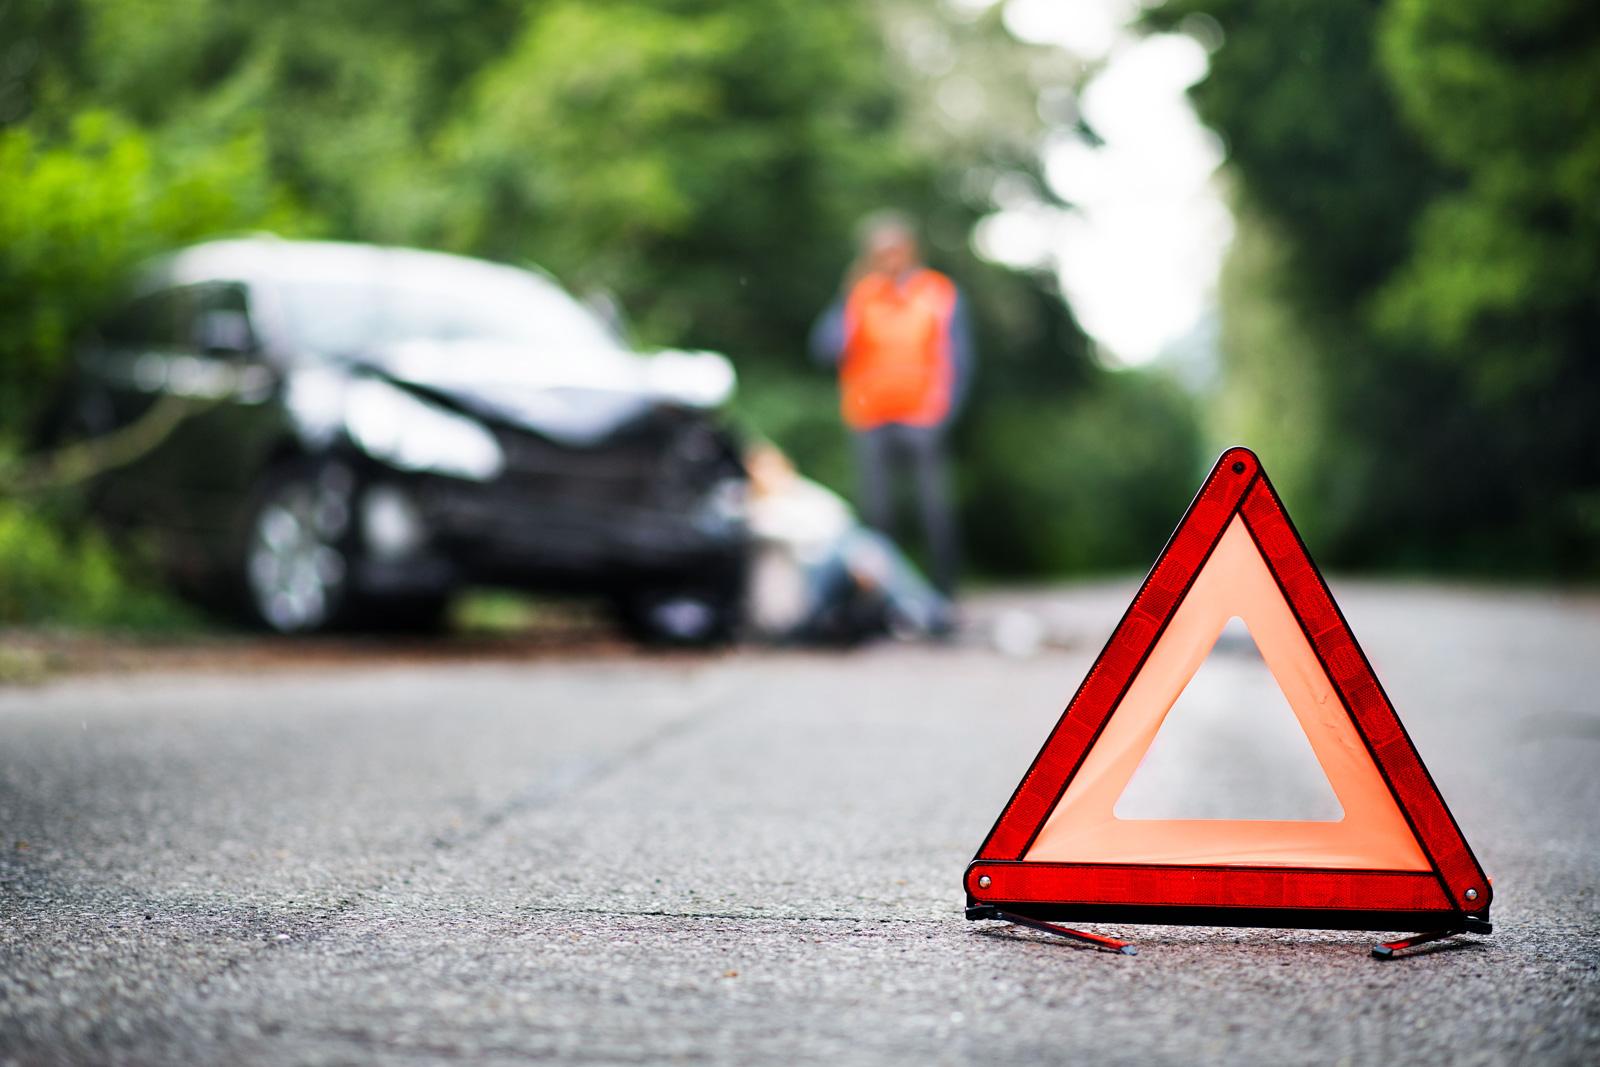 Für den Notfall vorsorgen: Warndreieck, Warnweste, Verbandskasten – und Versicherungsschutz